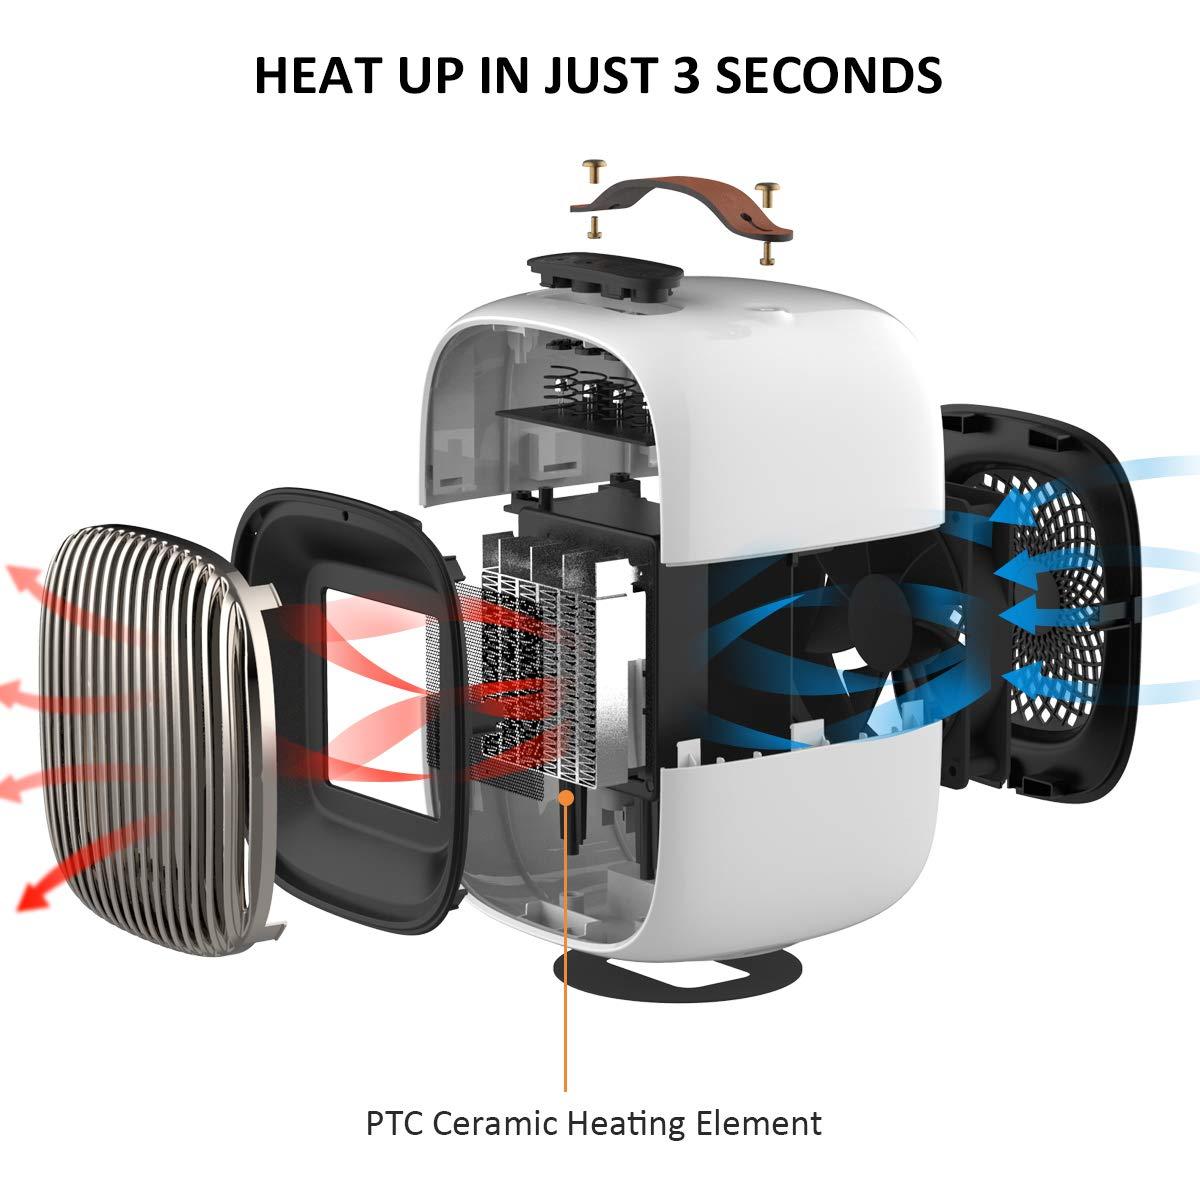 FOCHEA Mini Calefactor Eléctrico 800 W Portátil Calefactor Cerámico de Aire Caliente y Frio con Termostato, Protección de sobrecalentamiento, ...